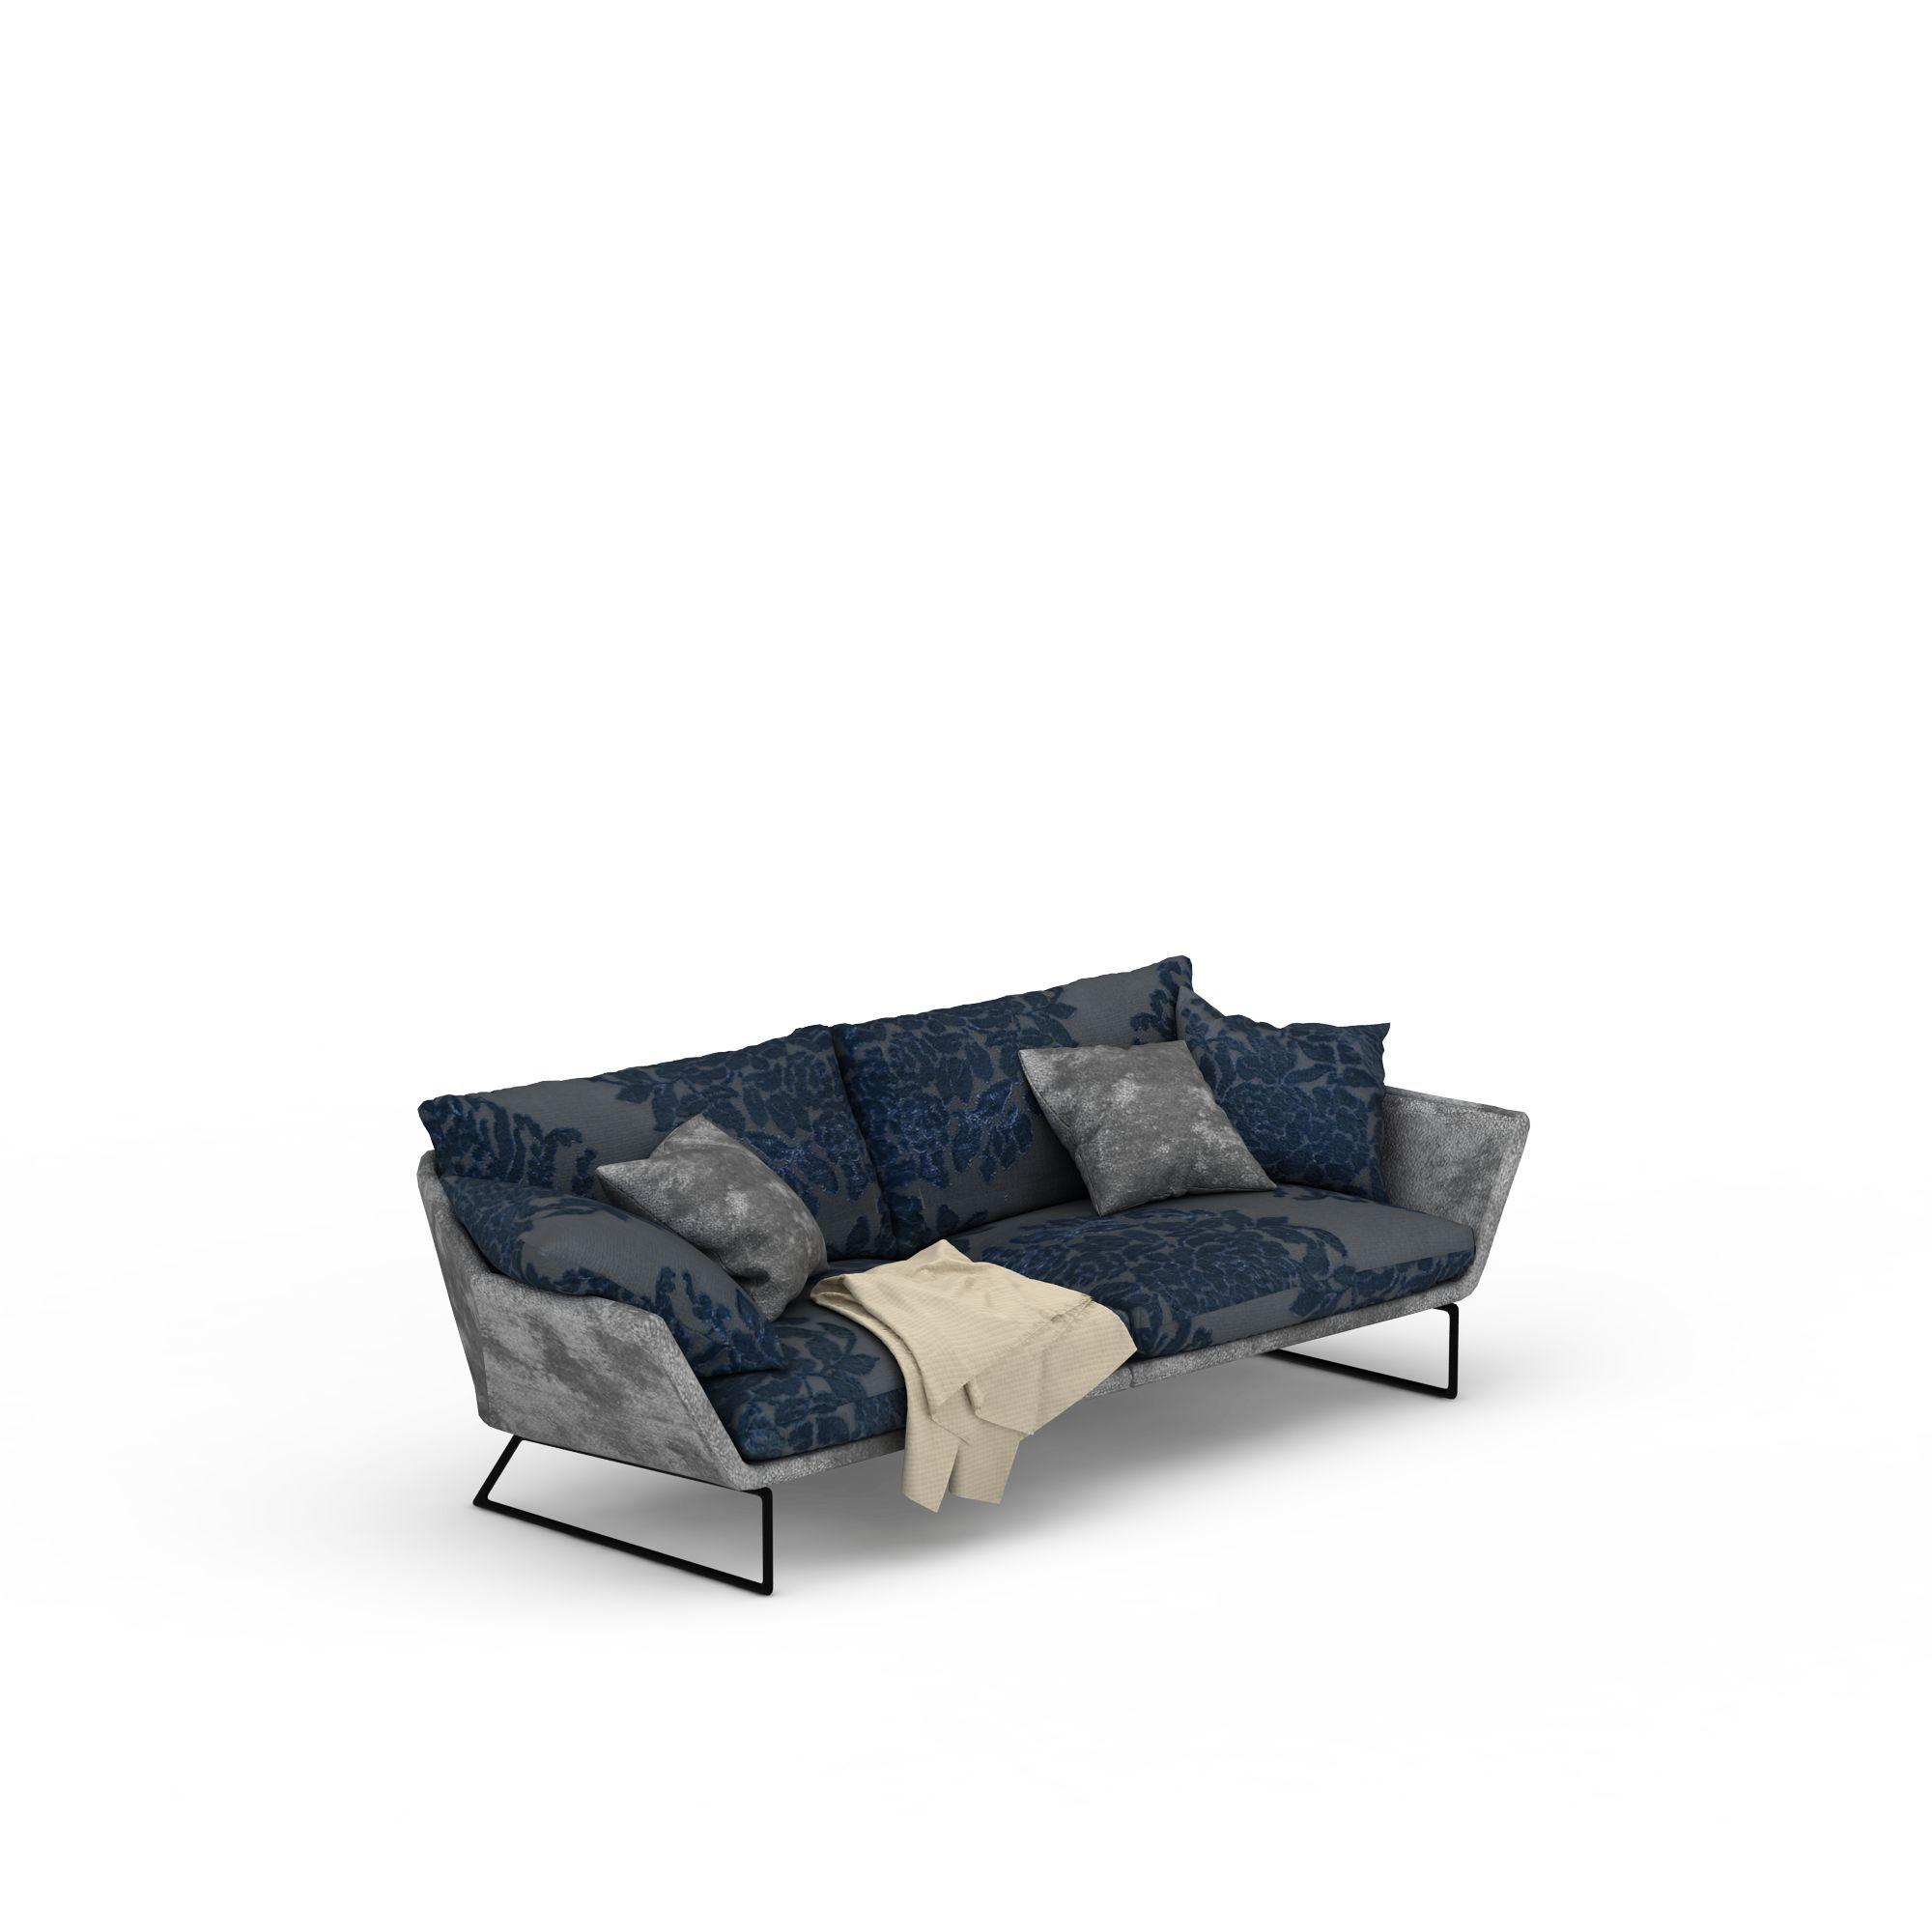 沙发腰包创意设计